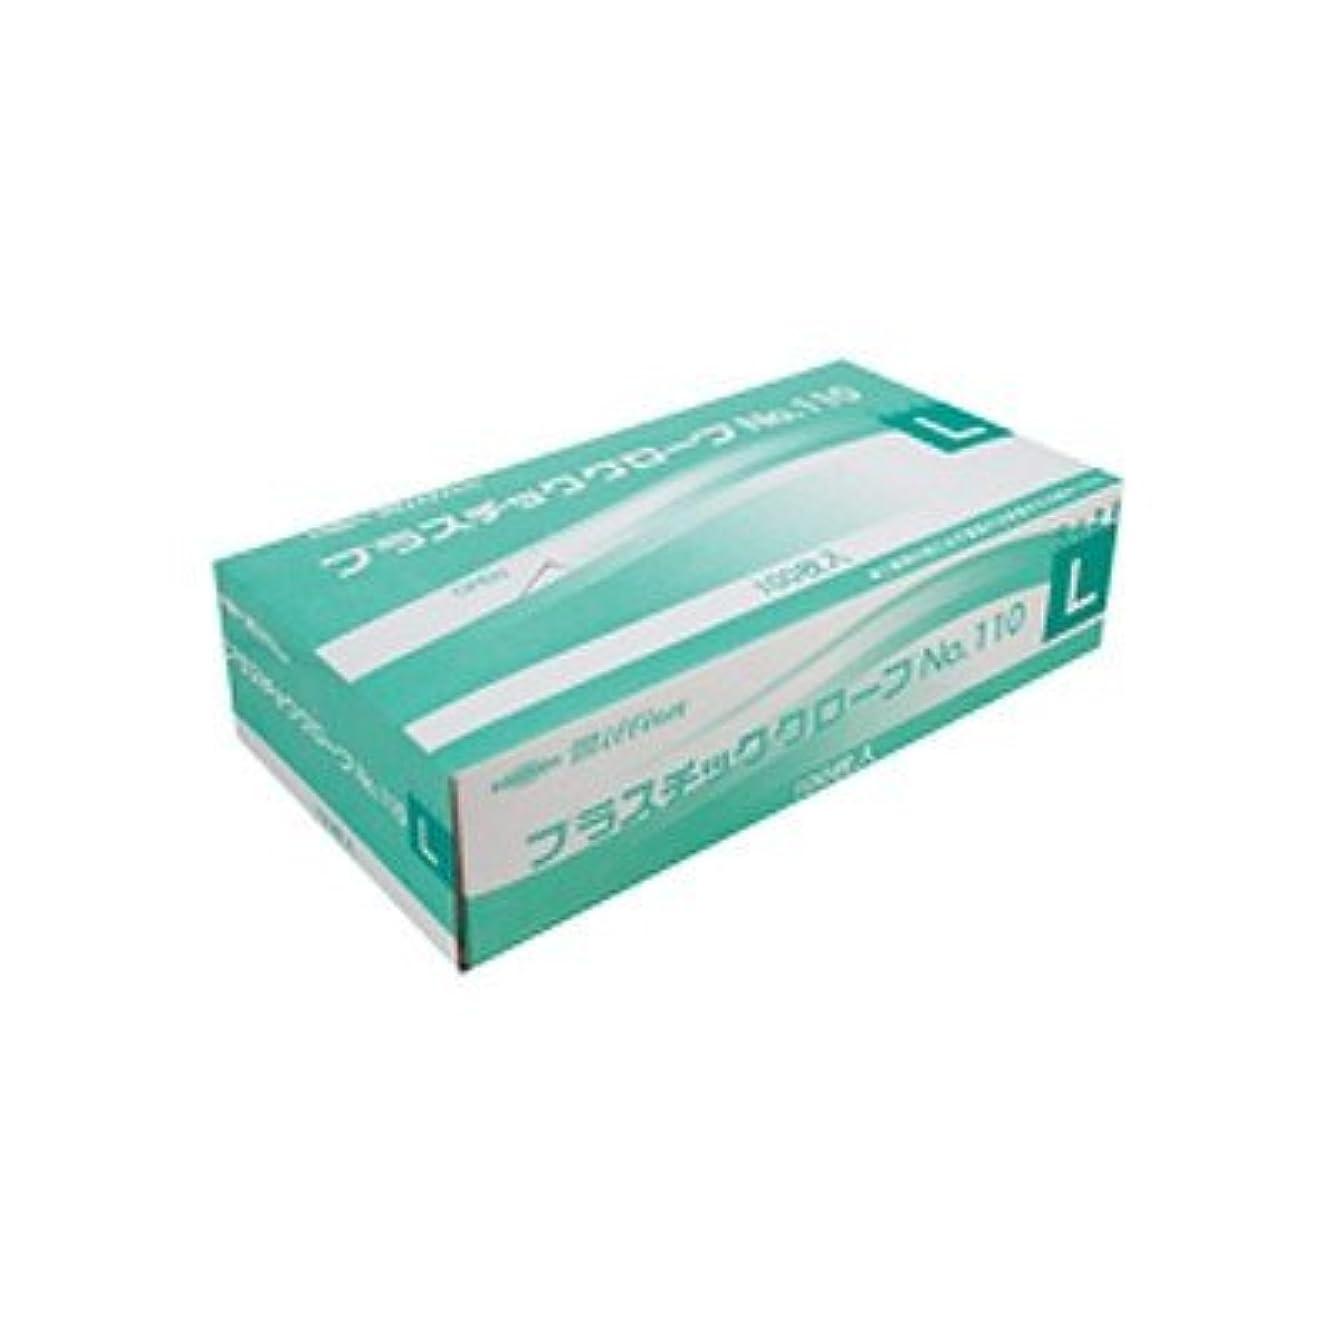 出会い隔離する広まったミリオン プラスチック手袋 粉付 No.110 L 品番:LH-110-L 注文番号:62741507 メーカー:共和